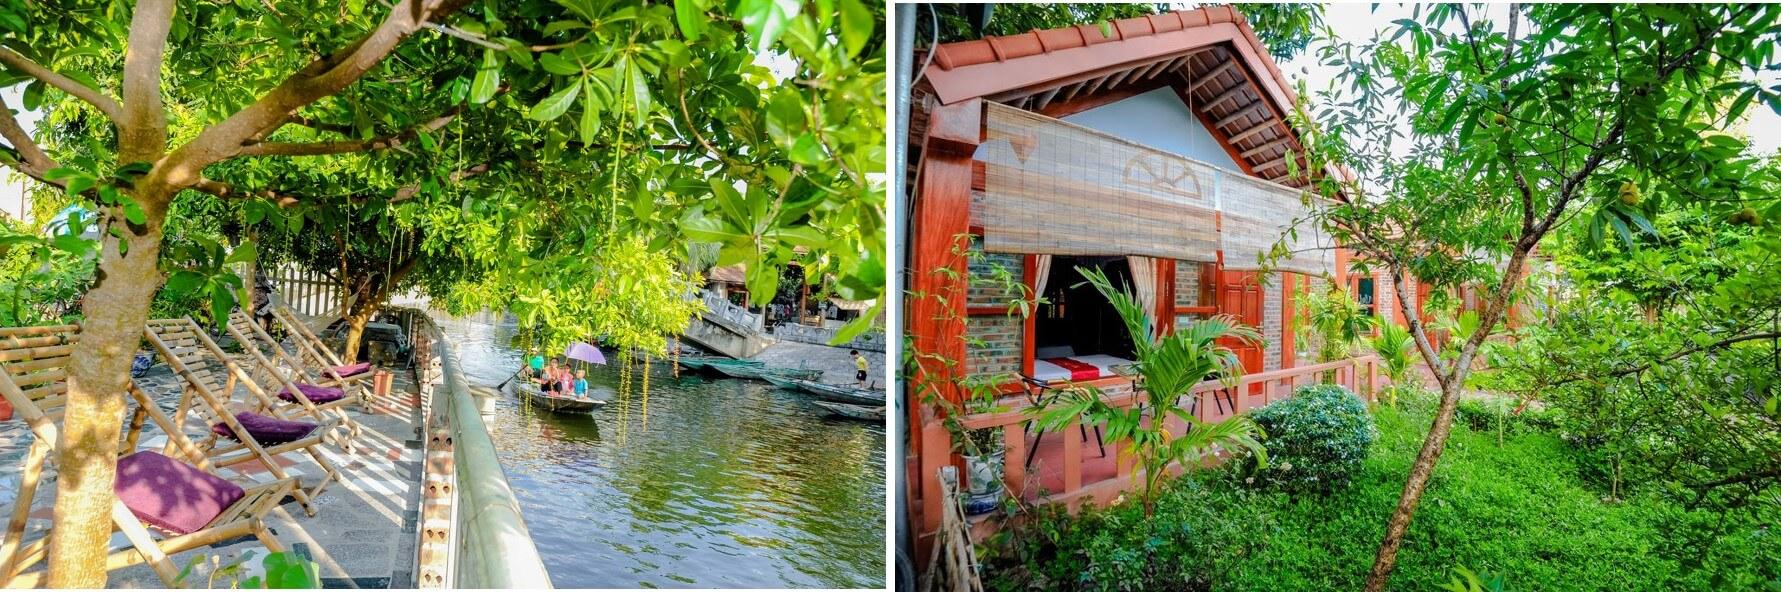 """99 Homestay Ninh Bình giá rẻ đẹp có hồ bơi view """"TỰA NÚI SÔNG"""" 100k"""